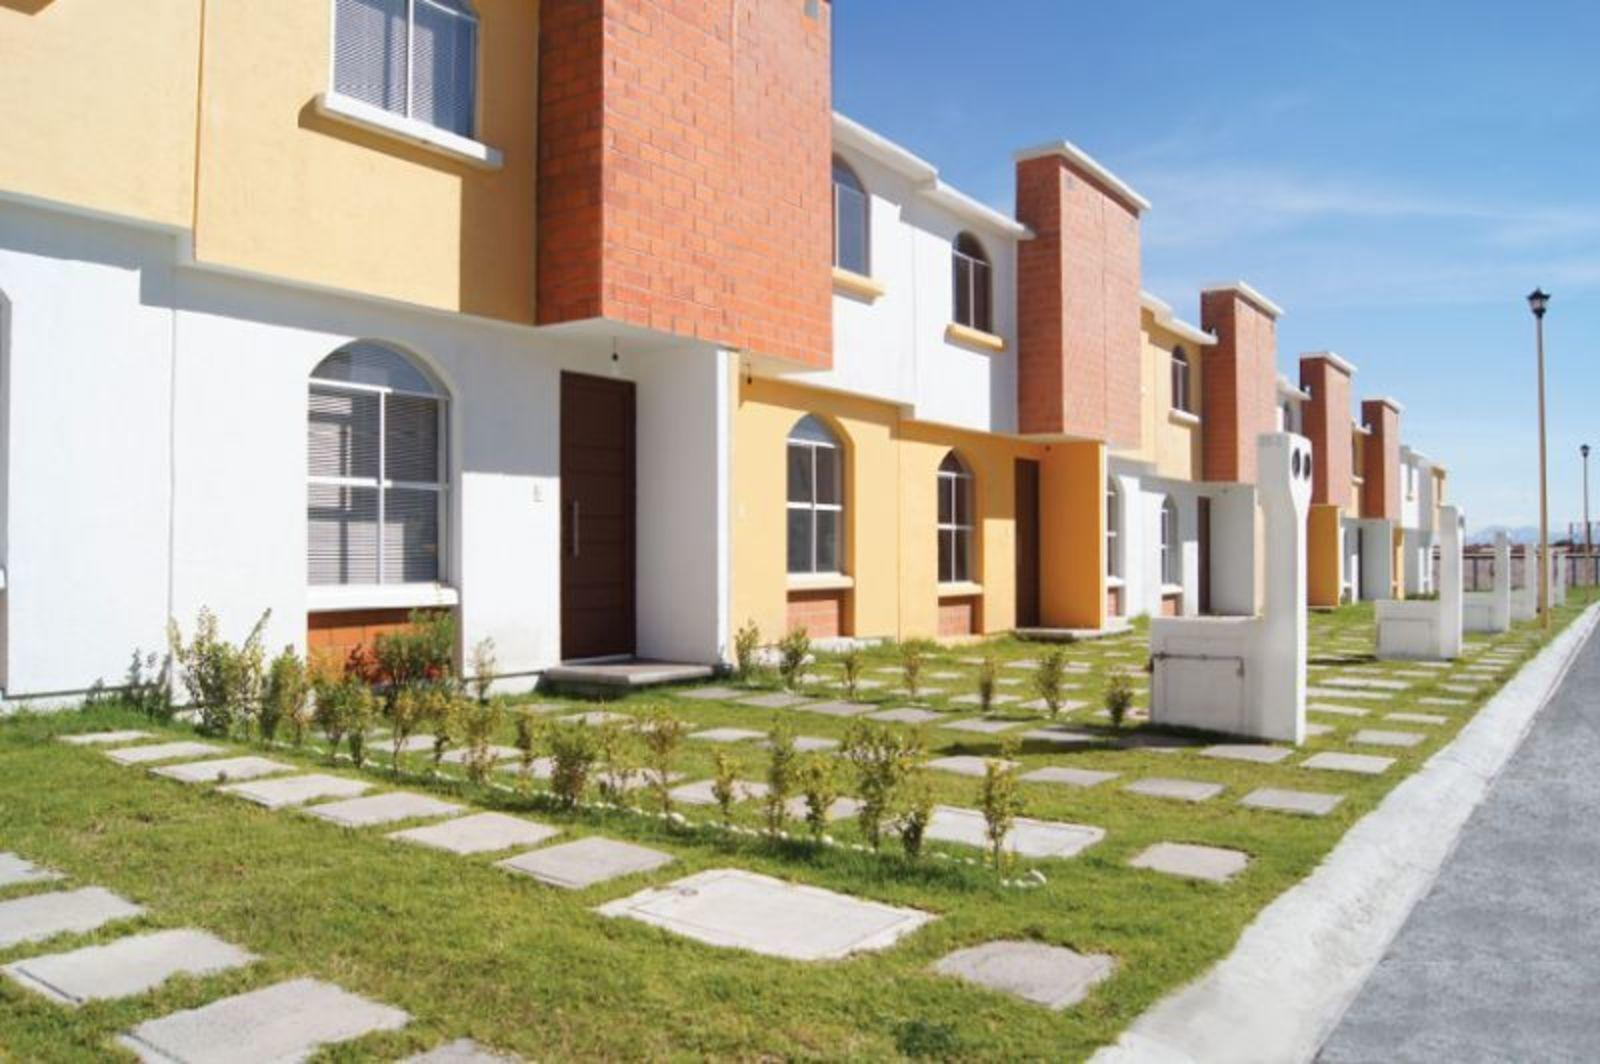 FOVISSSTE construirá viviendas con conectividad y movilidad urbana en S.L.P  – Inmobiliare